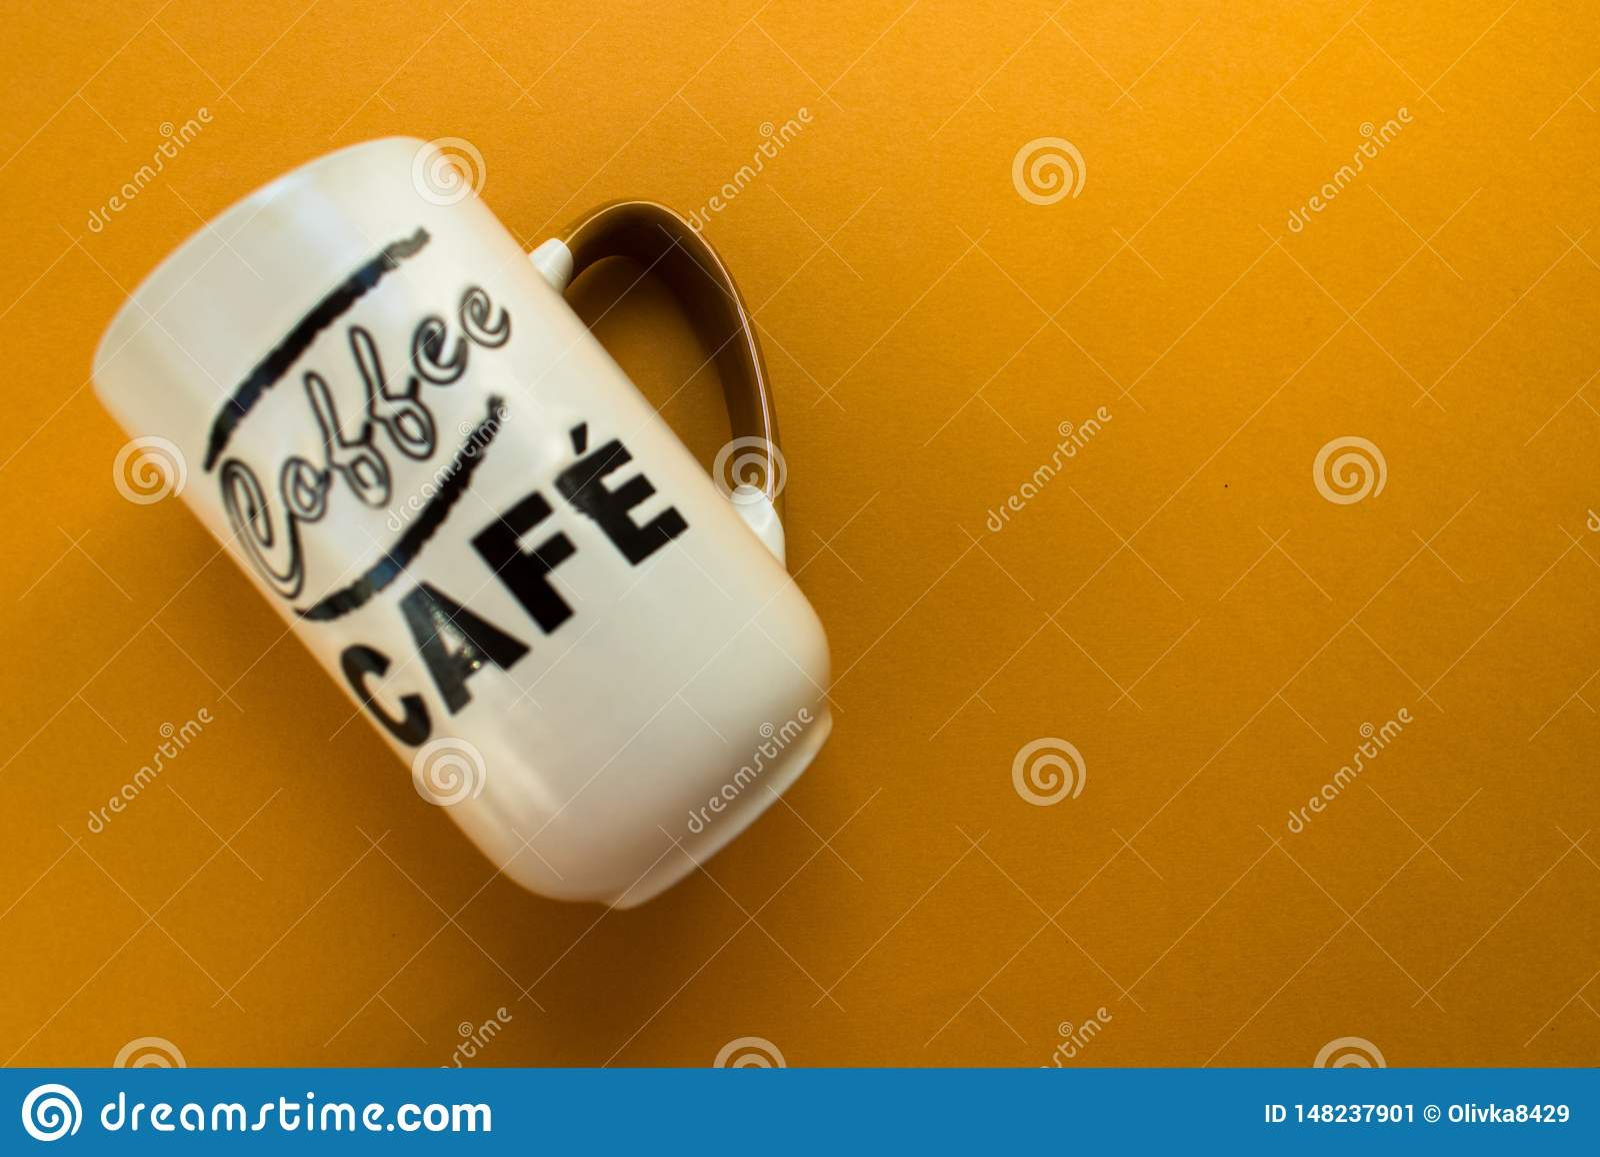 Tazza per caffè su un fondo giallo